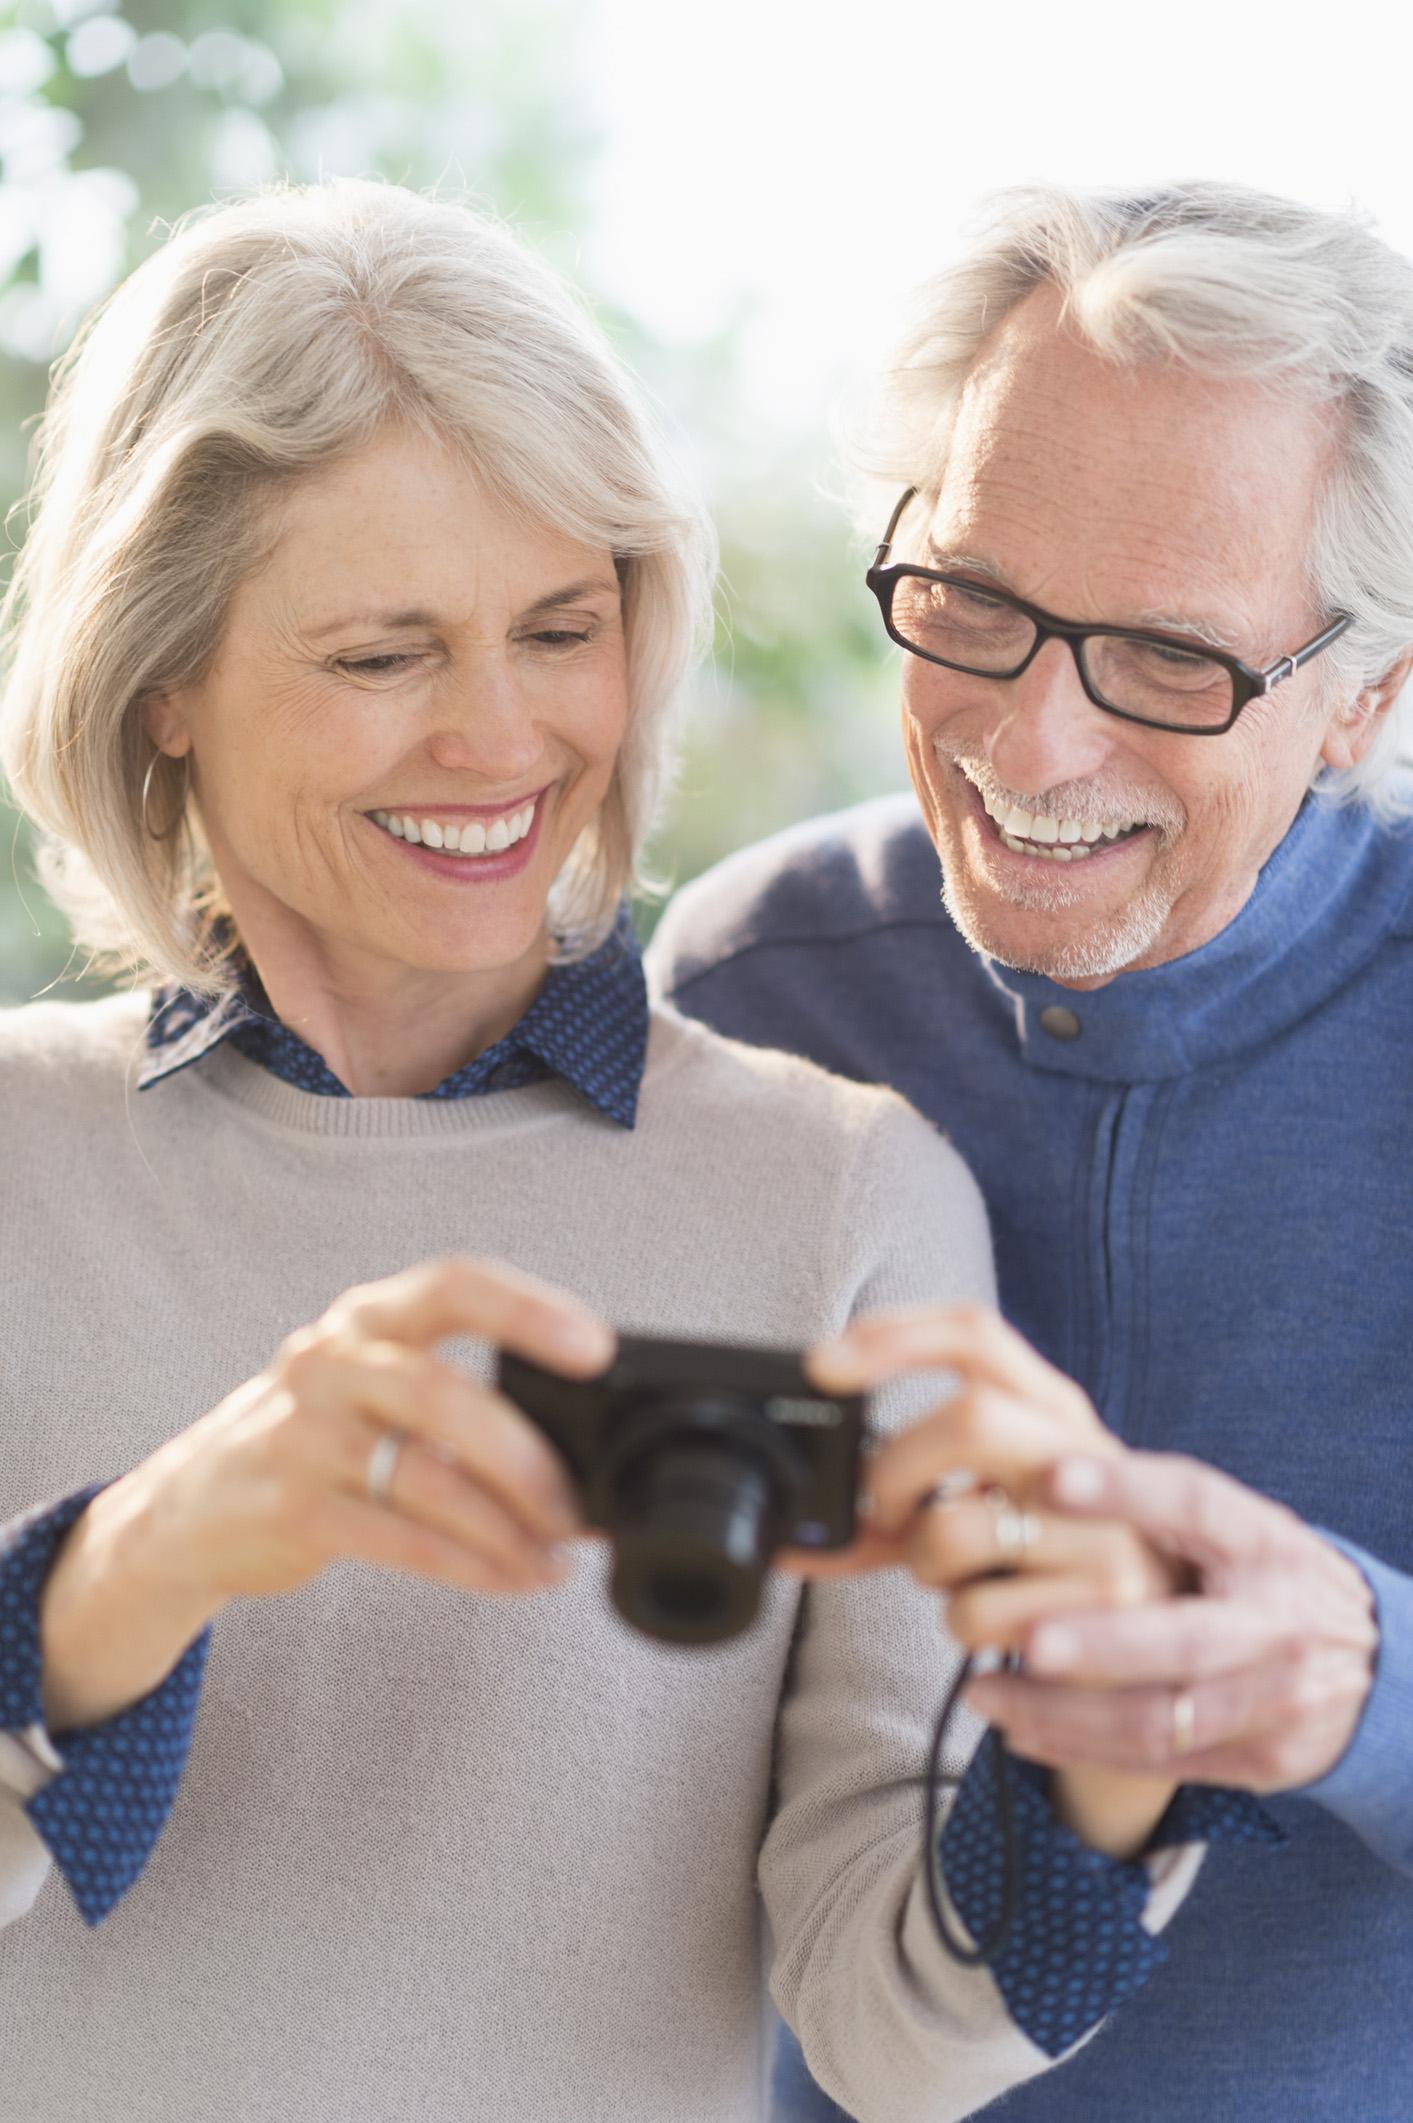 Eine torische Premiumlinse korrigiert gleichzeitig eine Hornhautverkrümmung, sodass Patienten nach der Operation den Alltag oft wieder ohne Brille und Seheinschränkung genießen können.